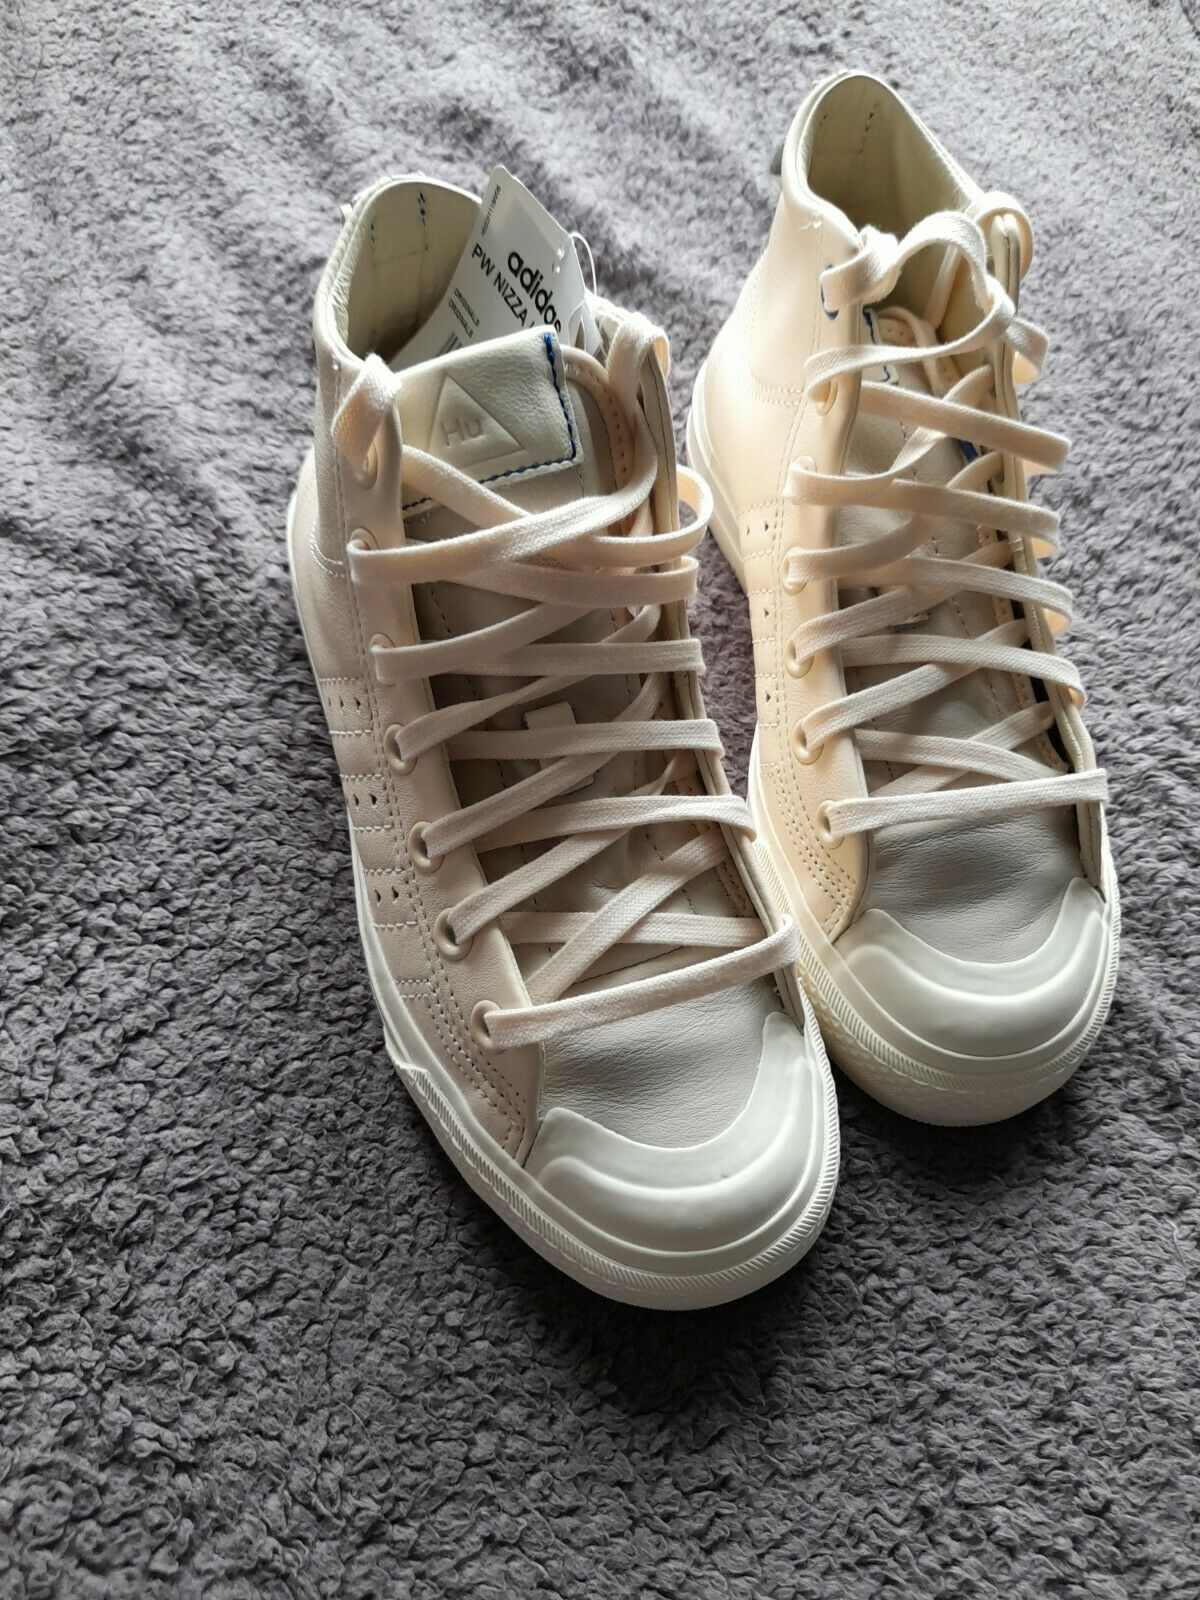 PW Nizza Hi RF Adidas Trainers Size 4